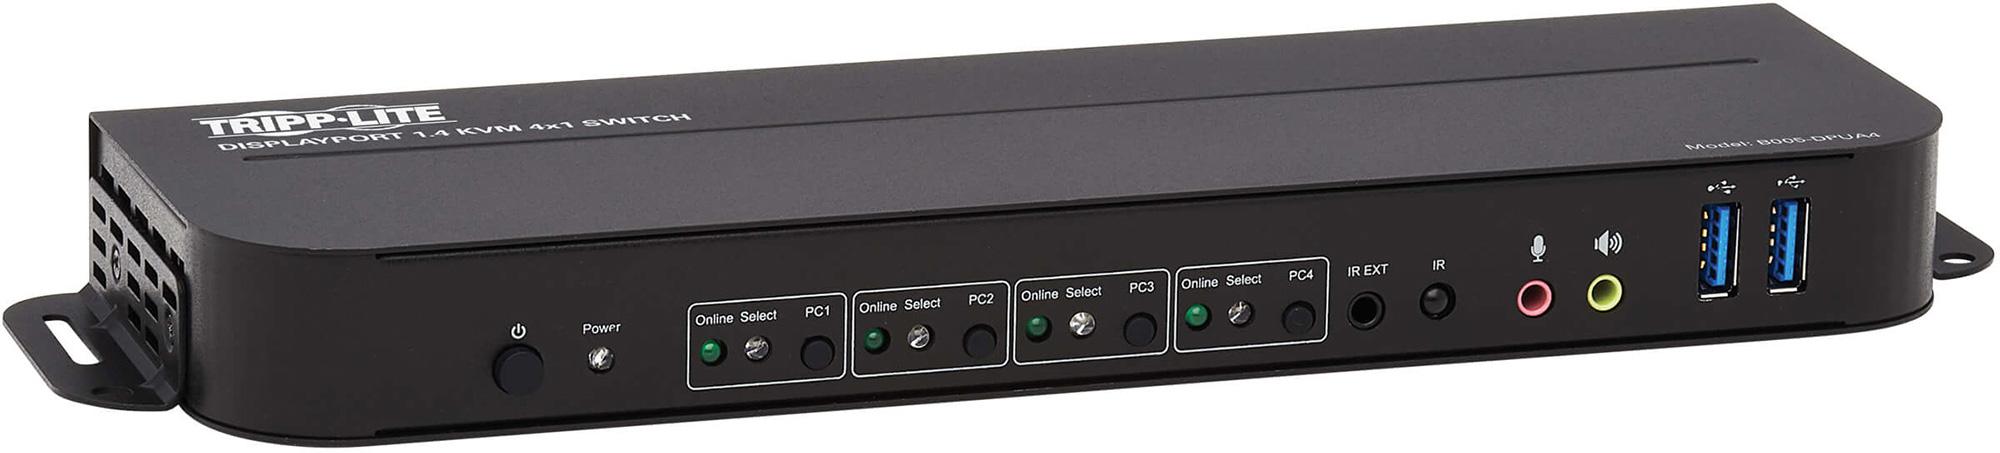 Tripp Lite B005-DPUA4 DisplayPort USB KVM Switch 4-Port 4K 60Hz HDR DP 1.4 USB Sharing TRL-B005-DPUA4